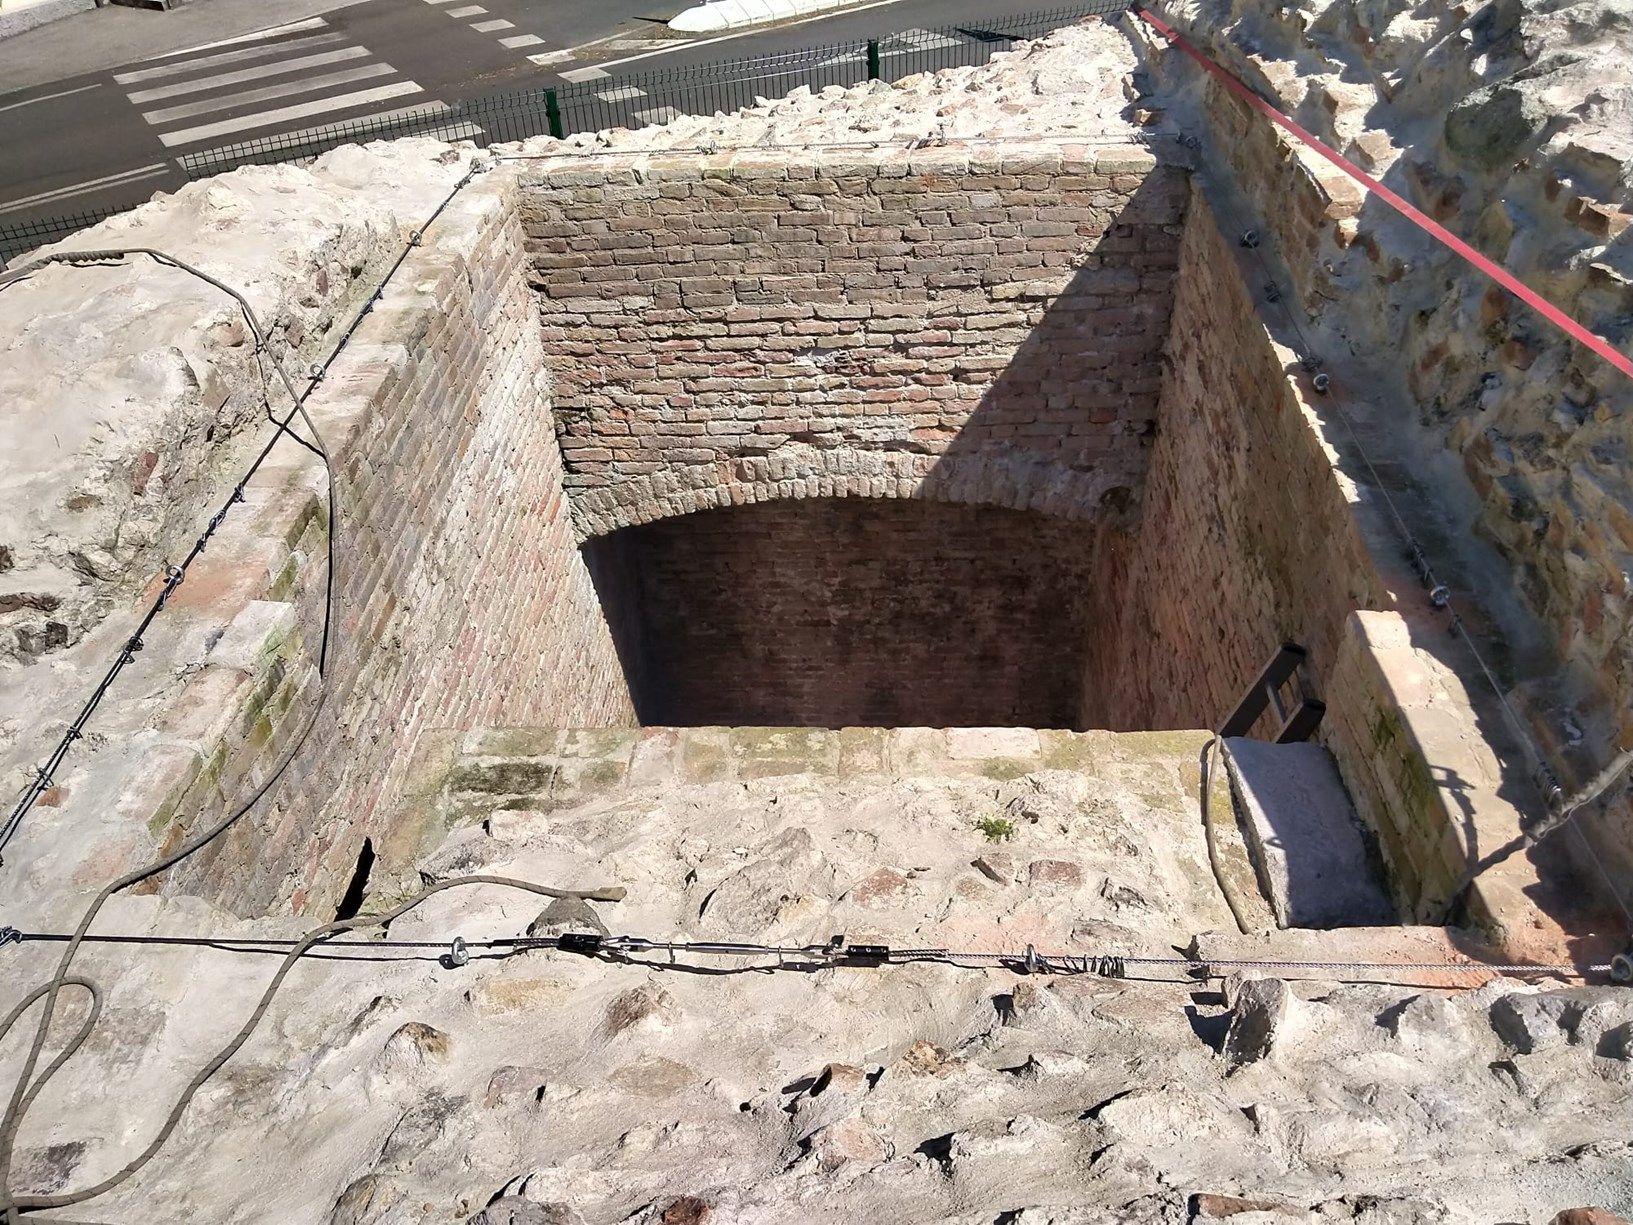 La fossa presente sulle mura medievali